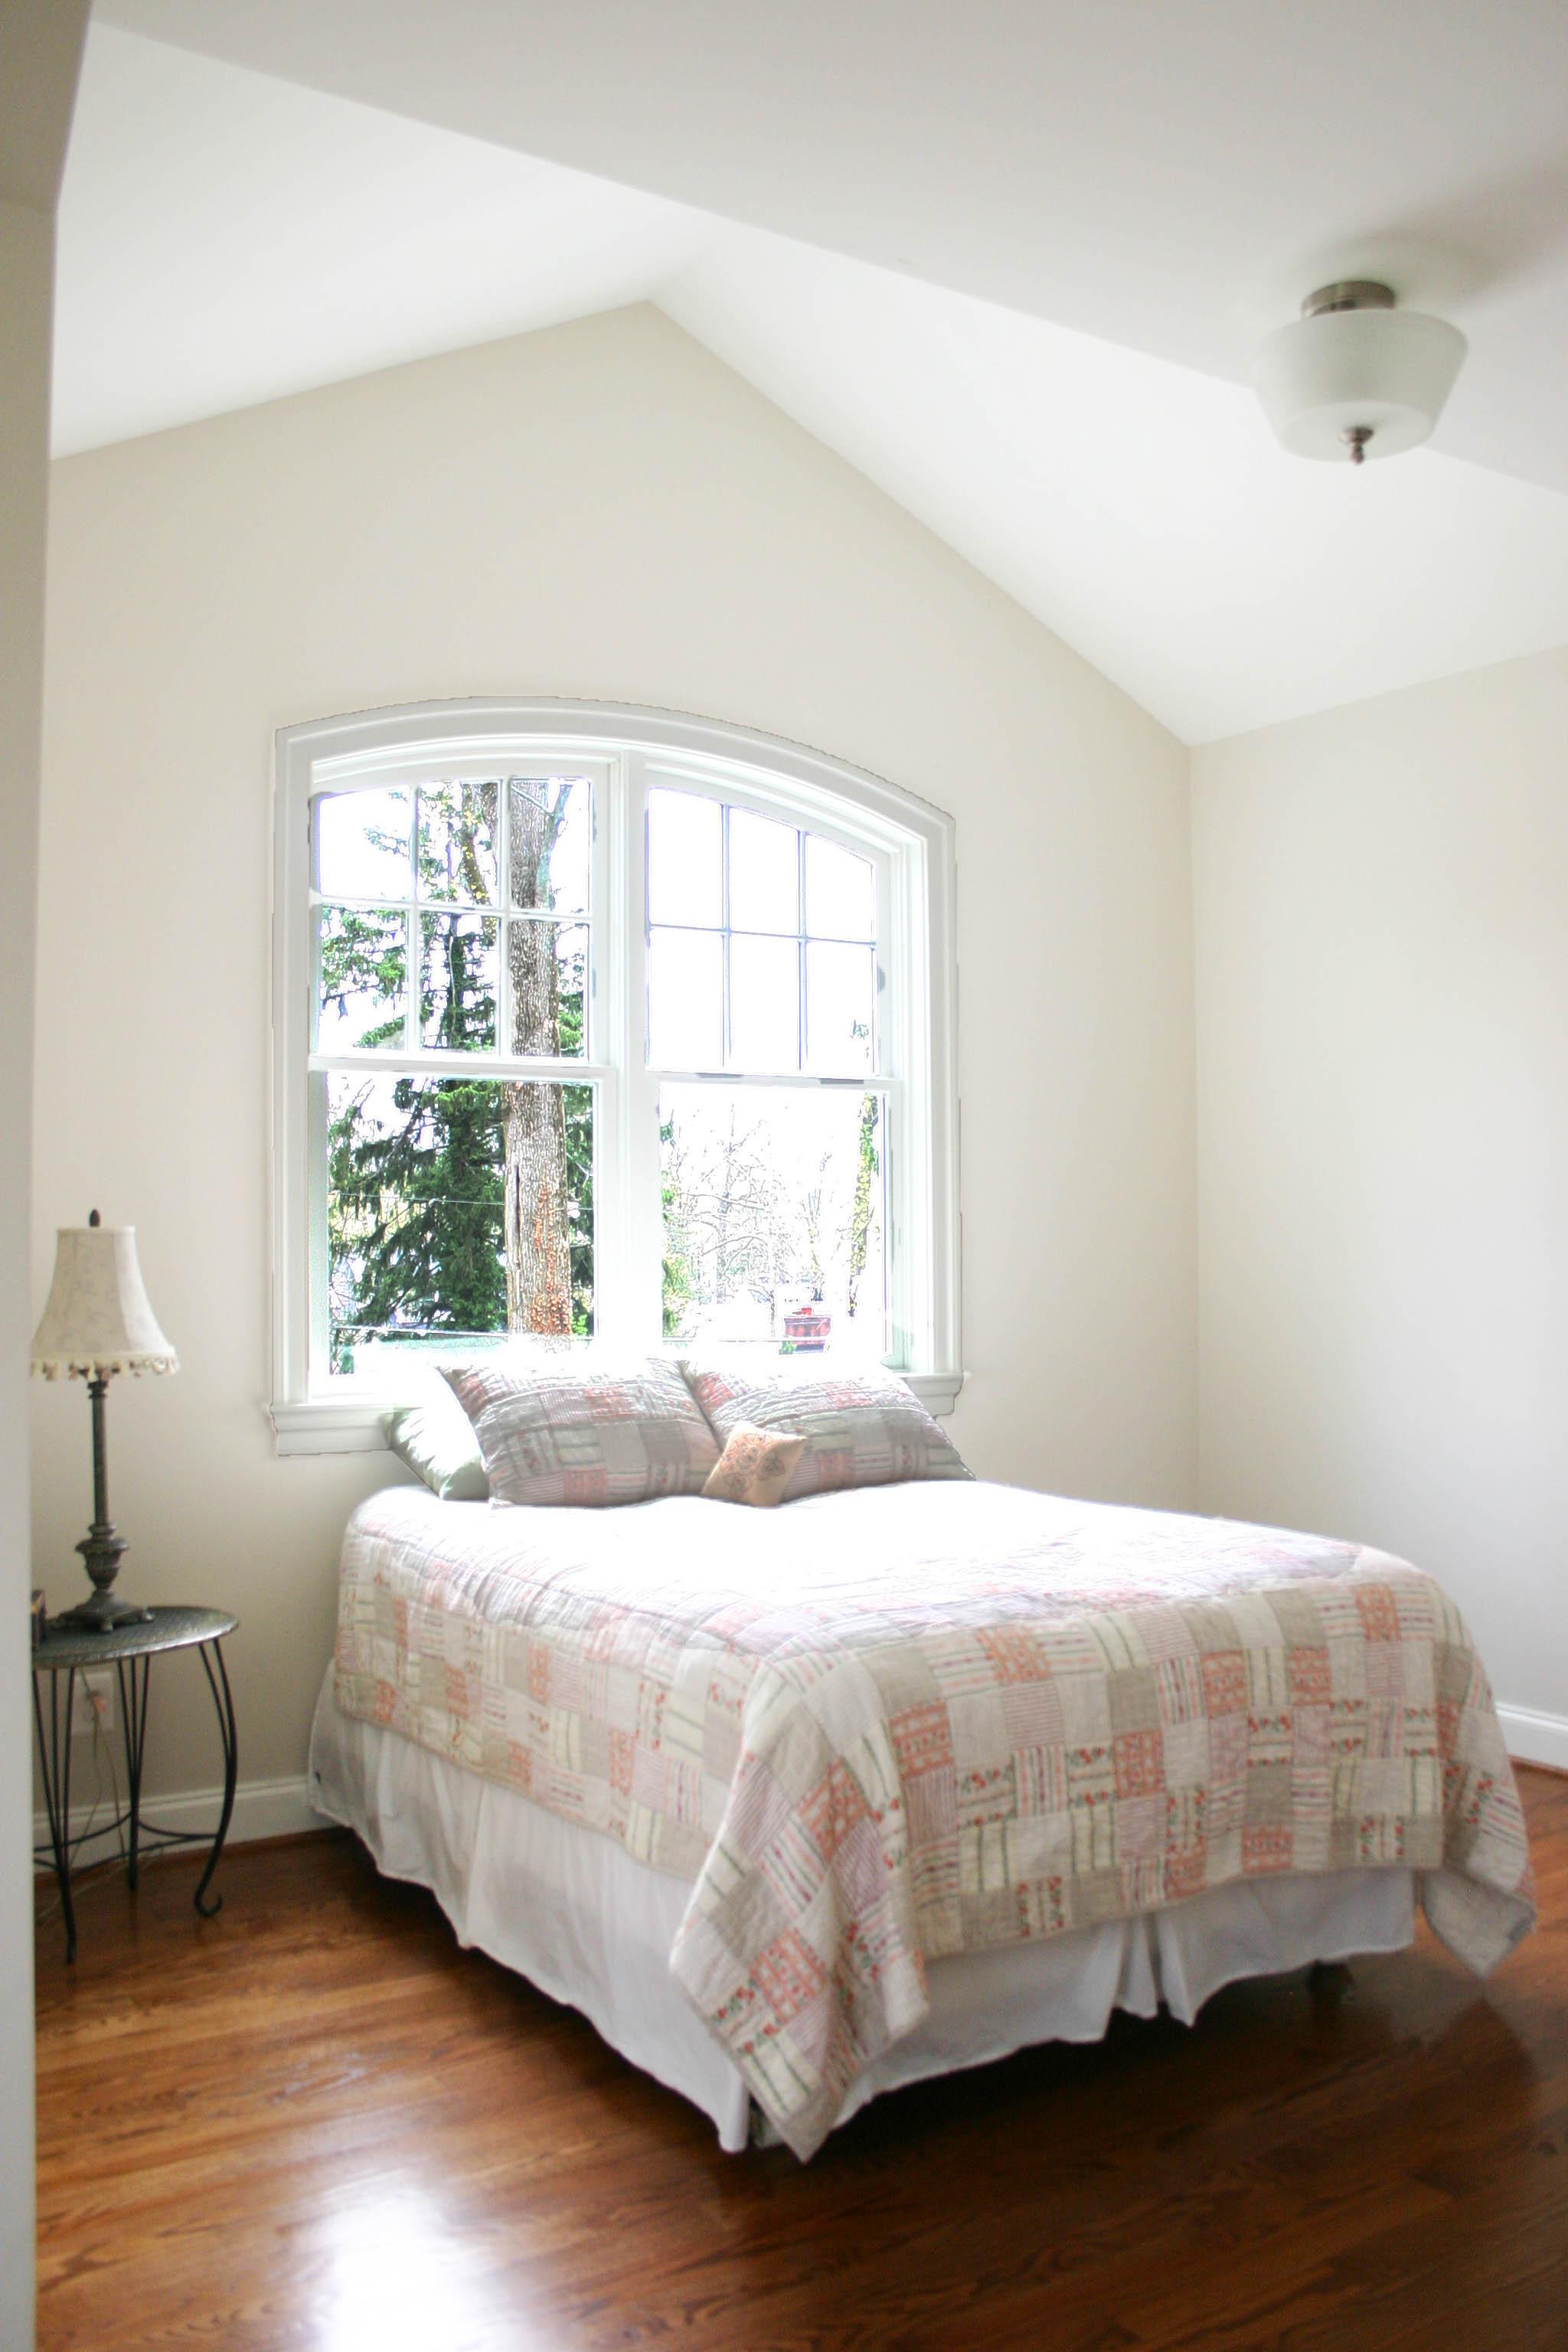 Bedroom Interior.jpg